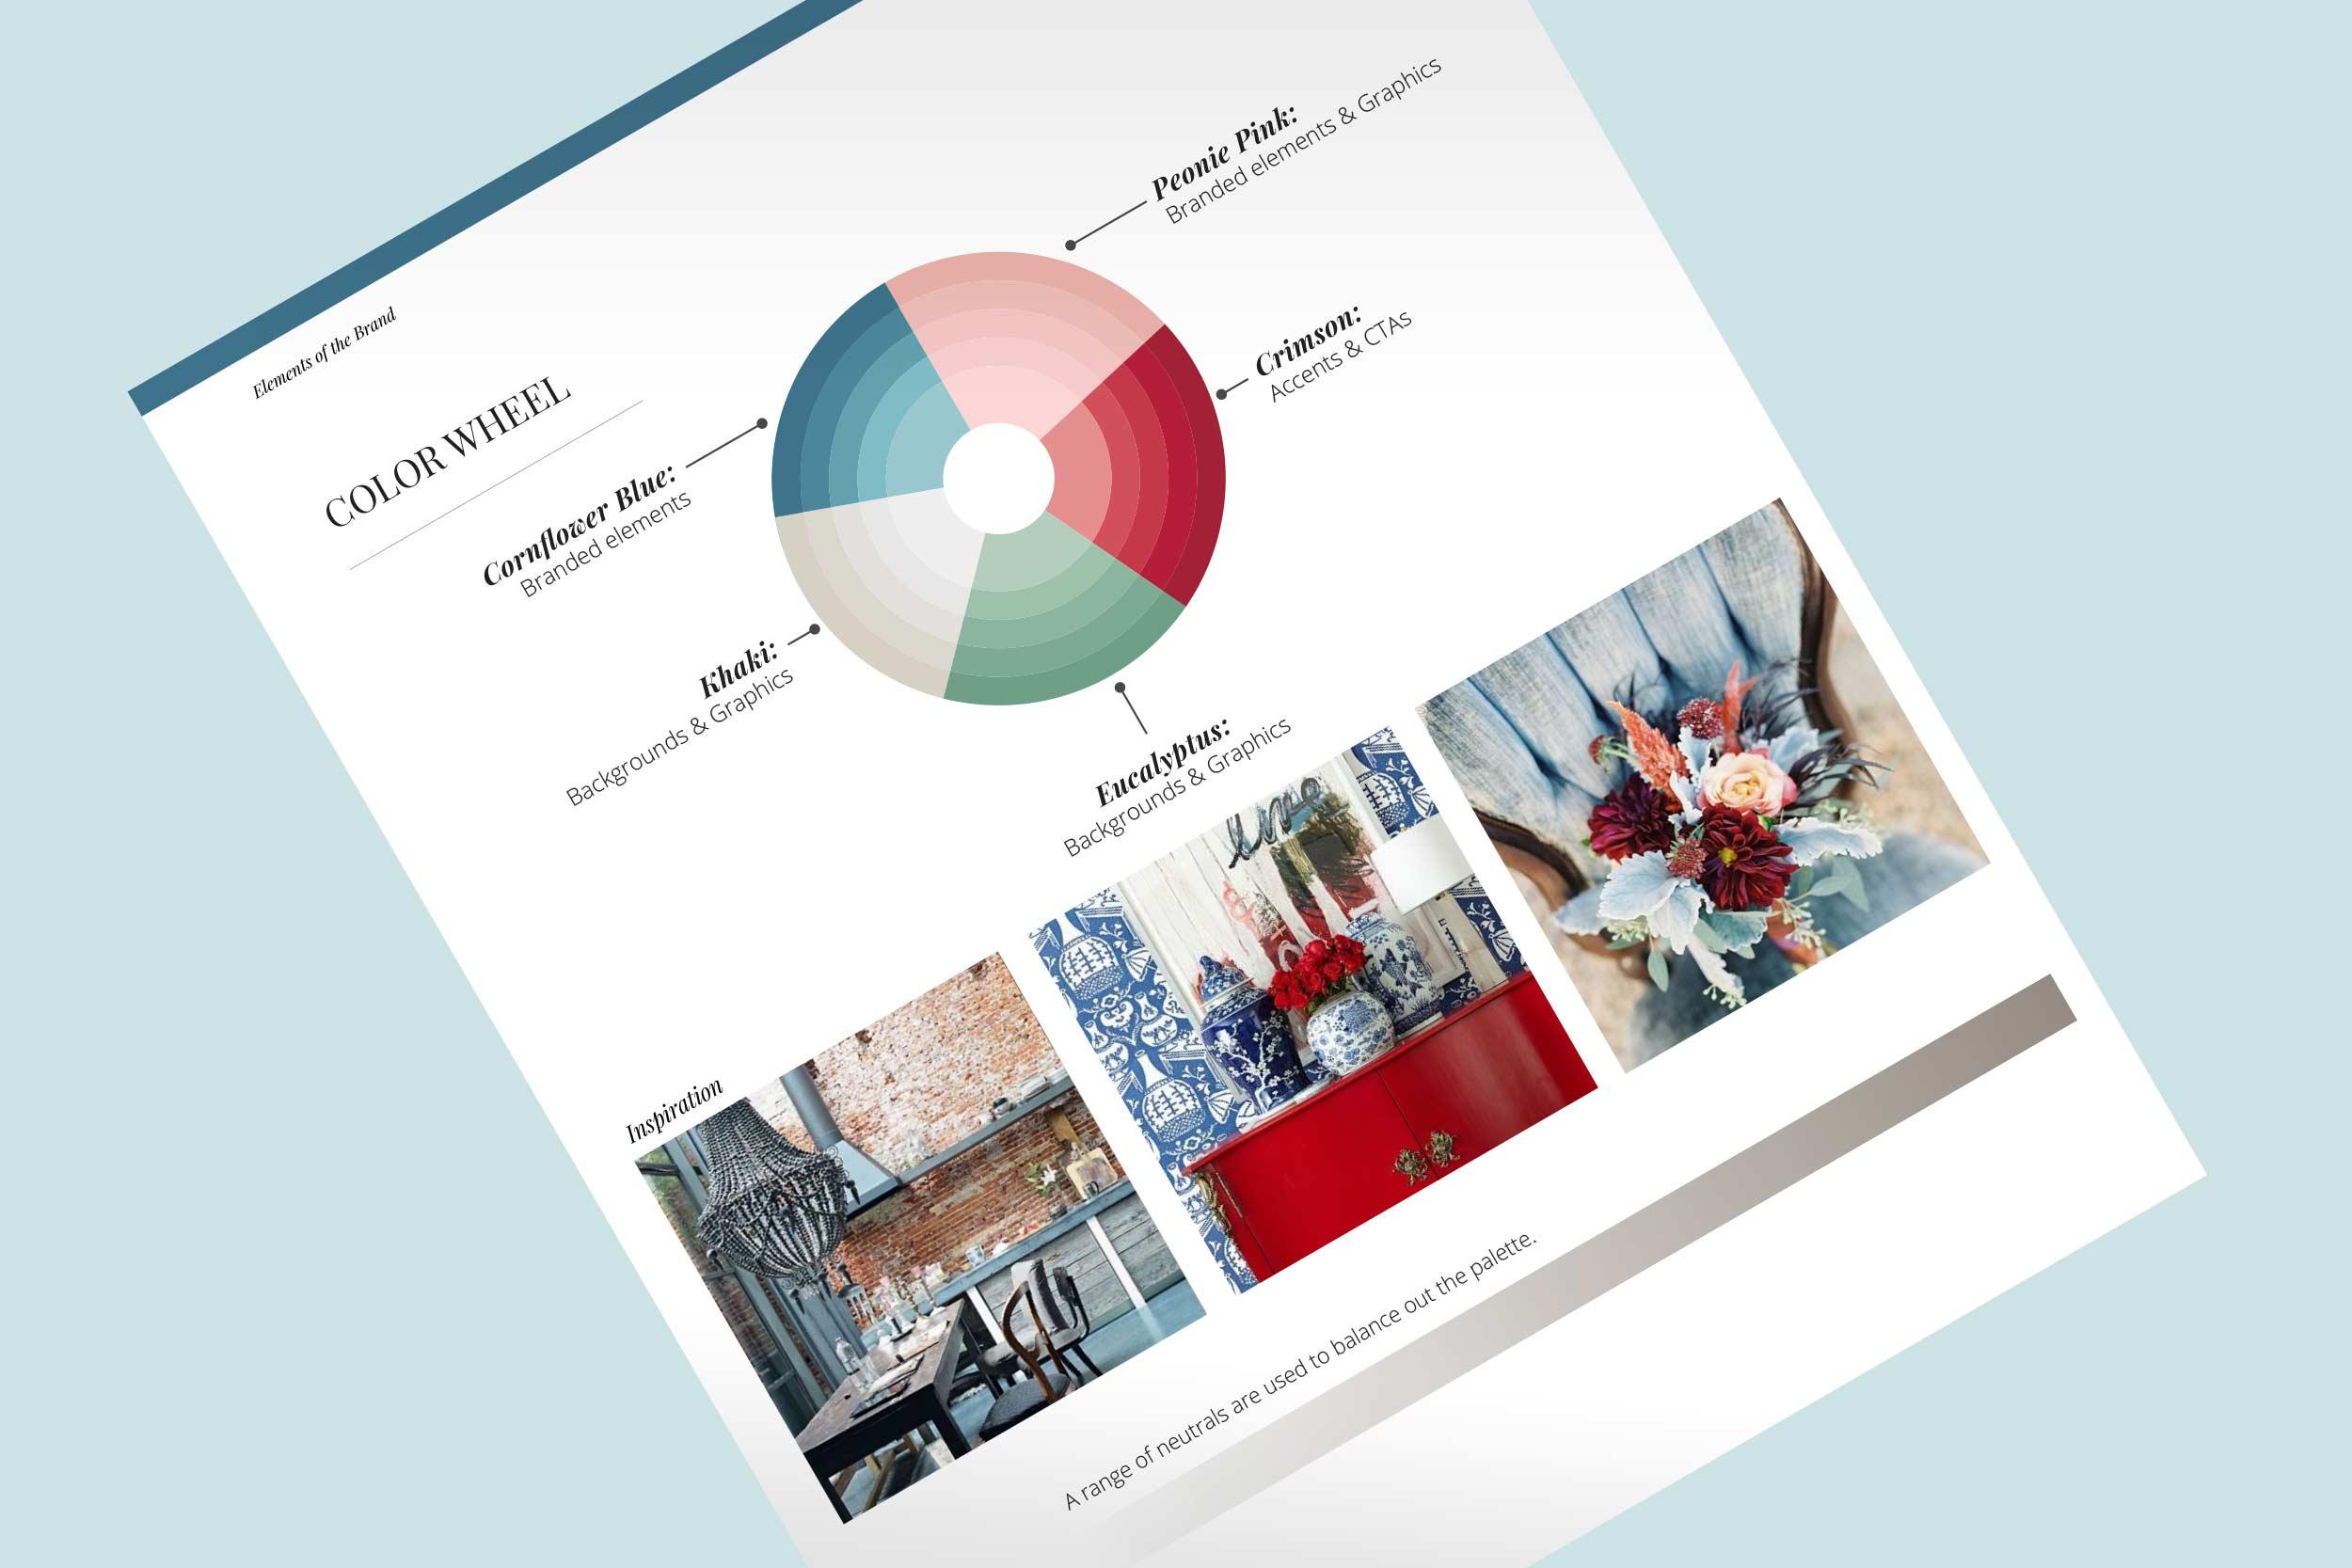 Anne-LaFollette-style-guide4.jpg